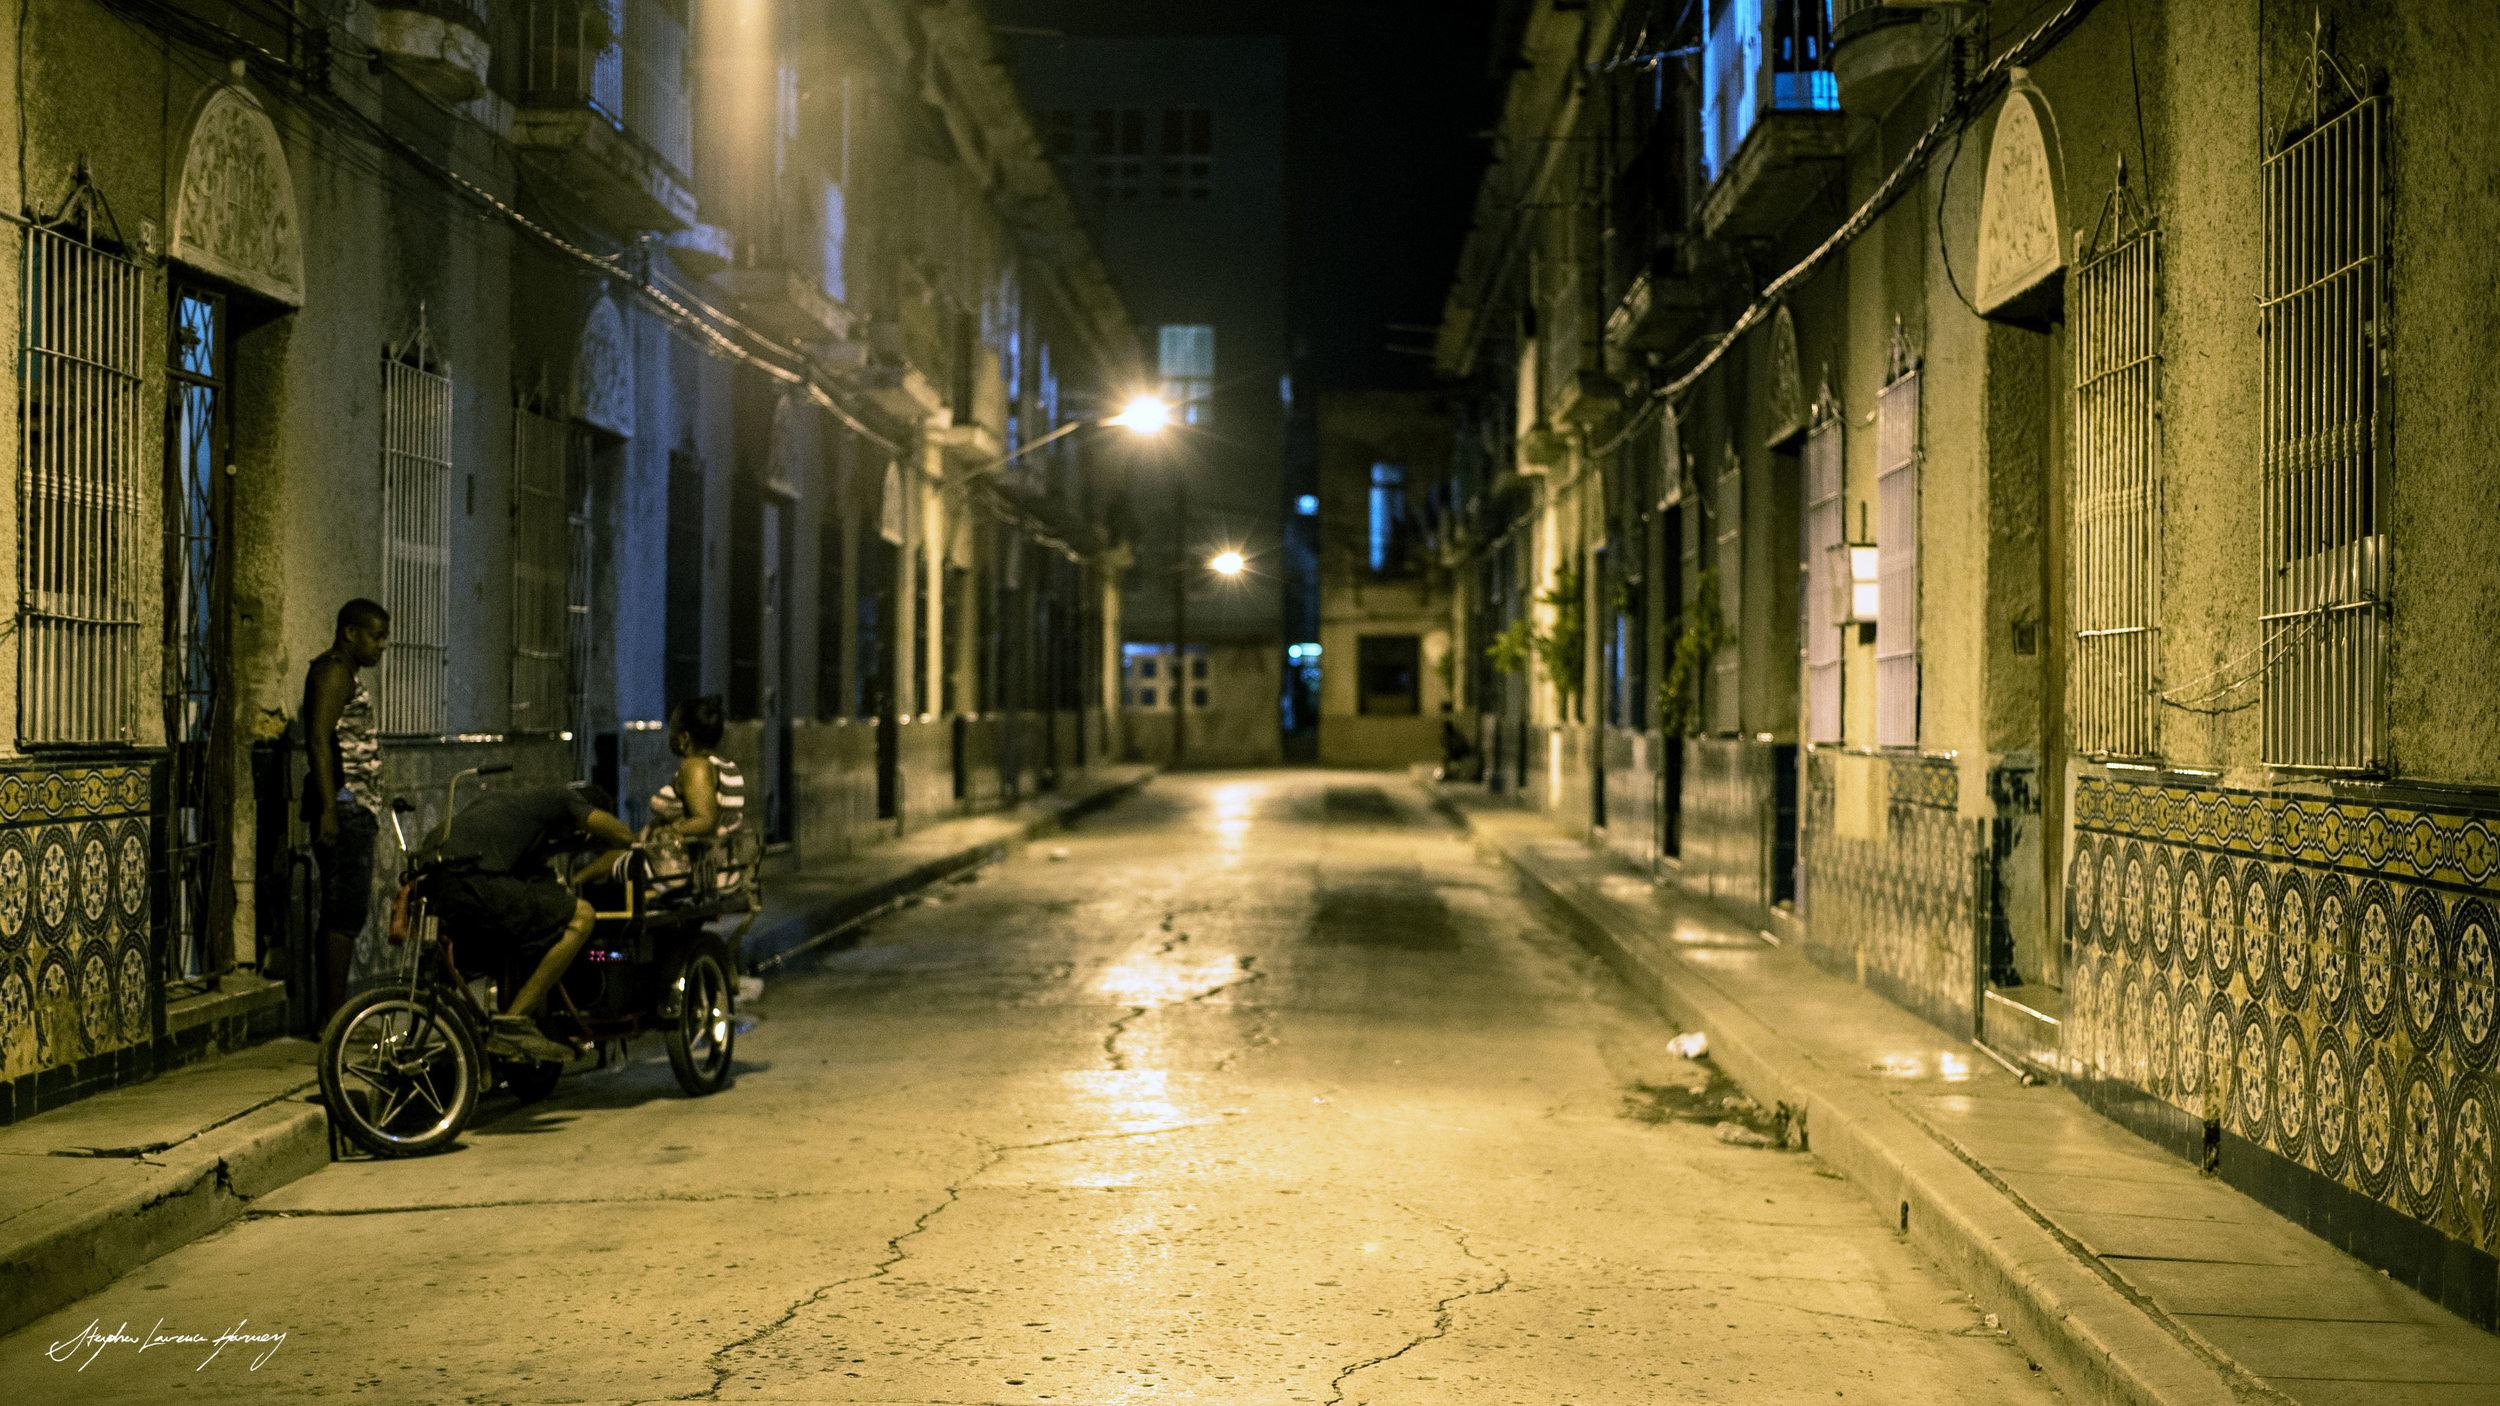 CUBAN the hood at night (1 of 1).jpg